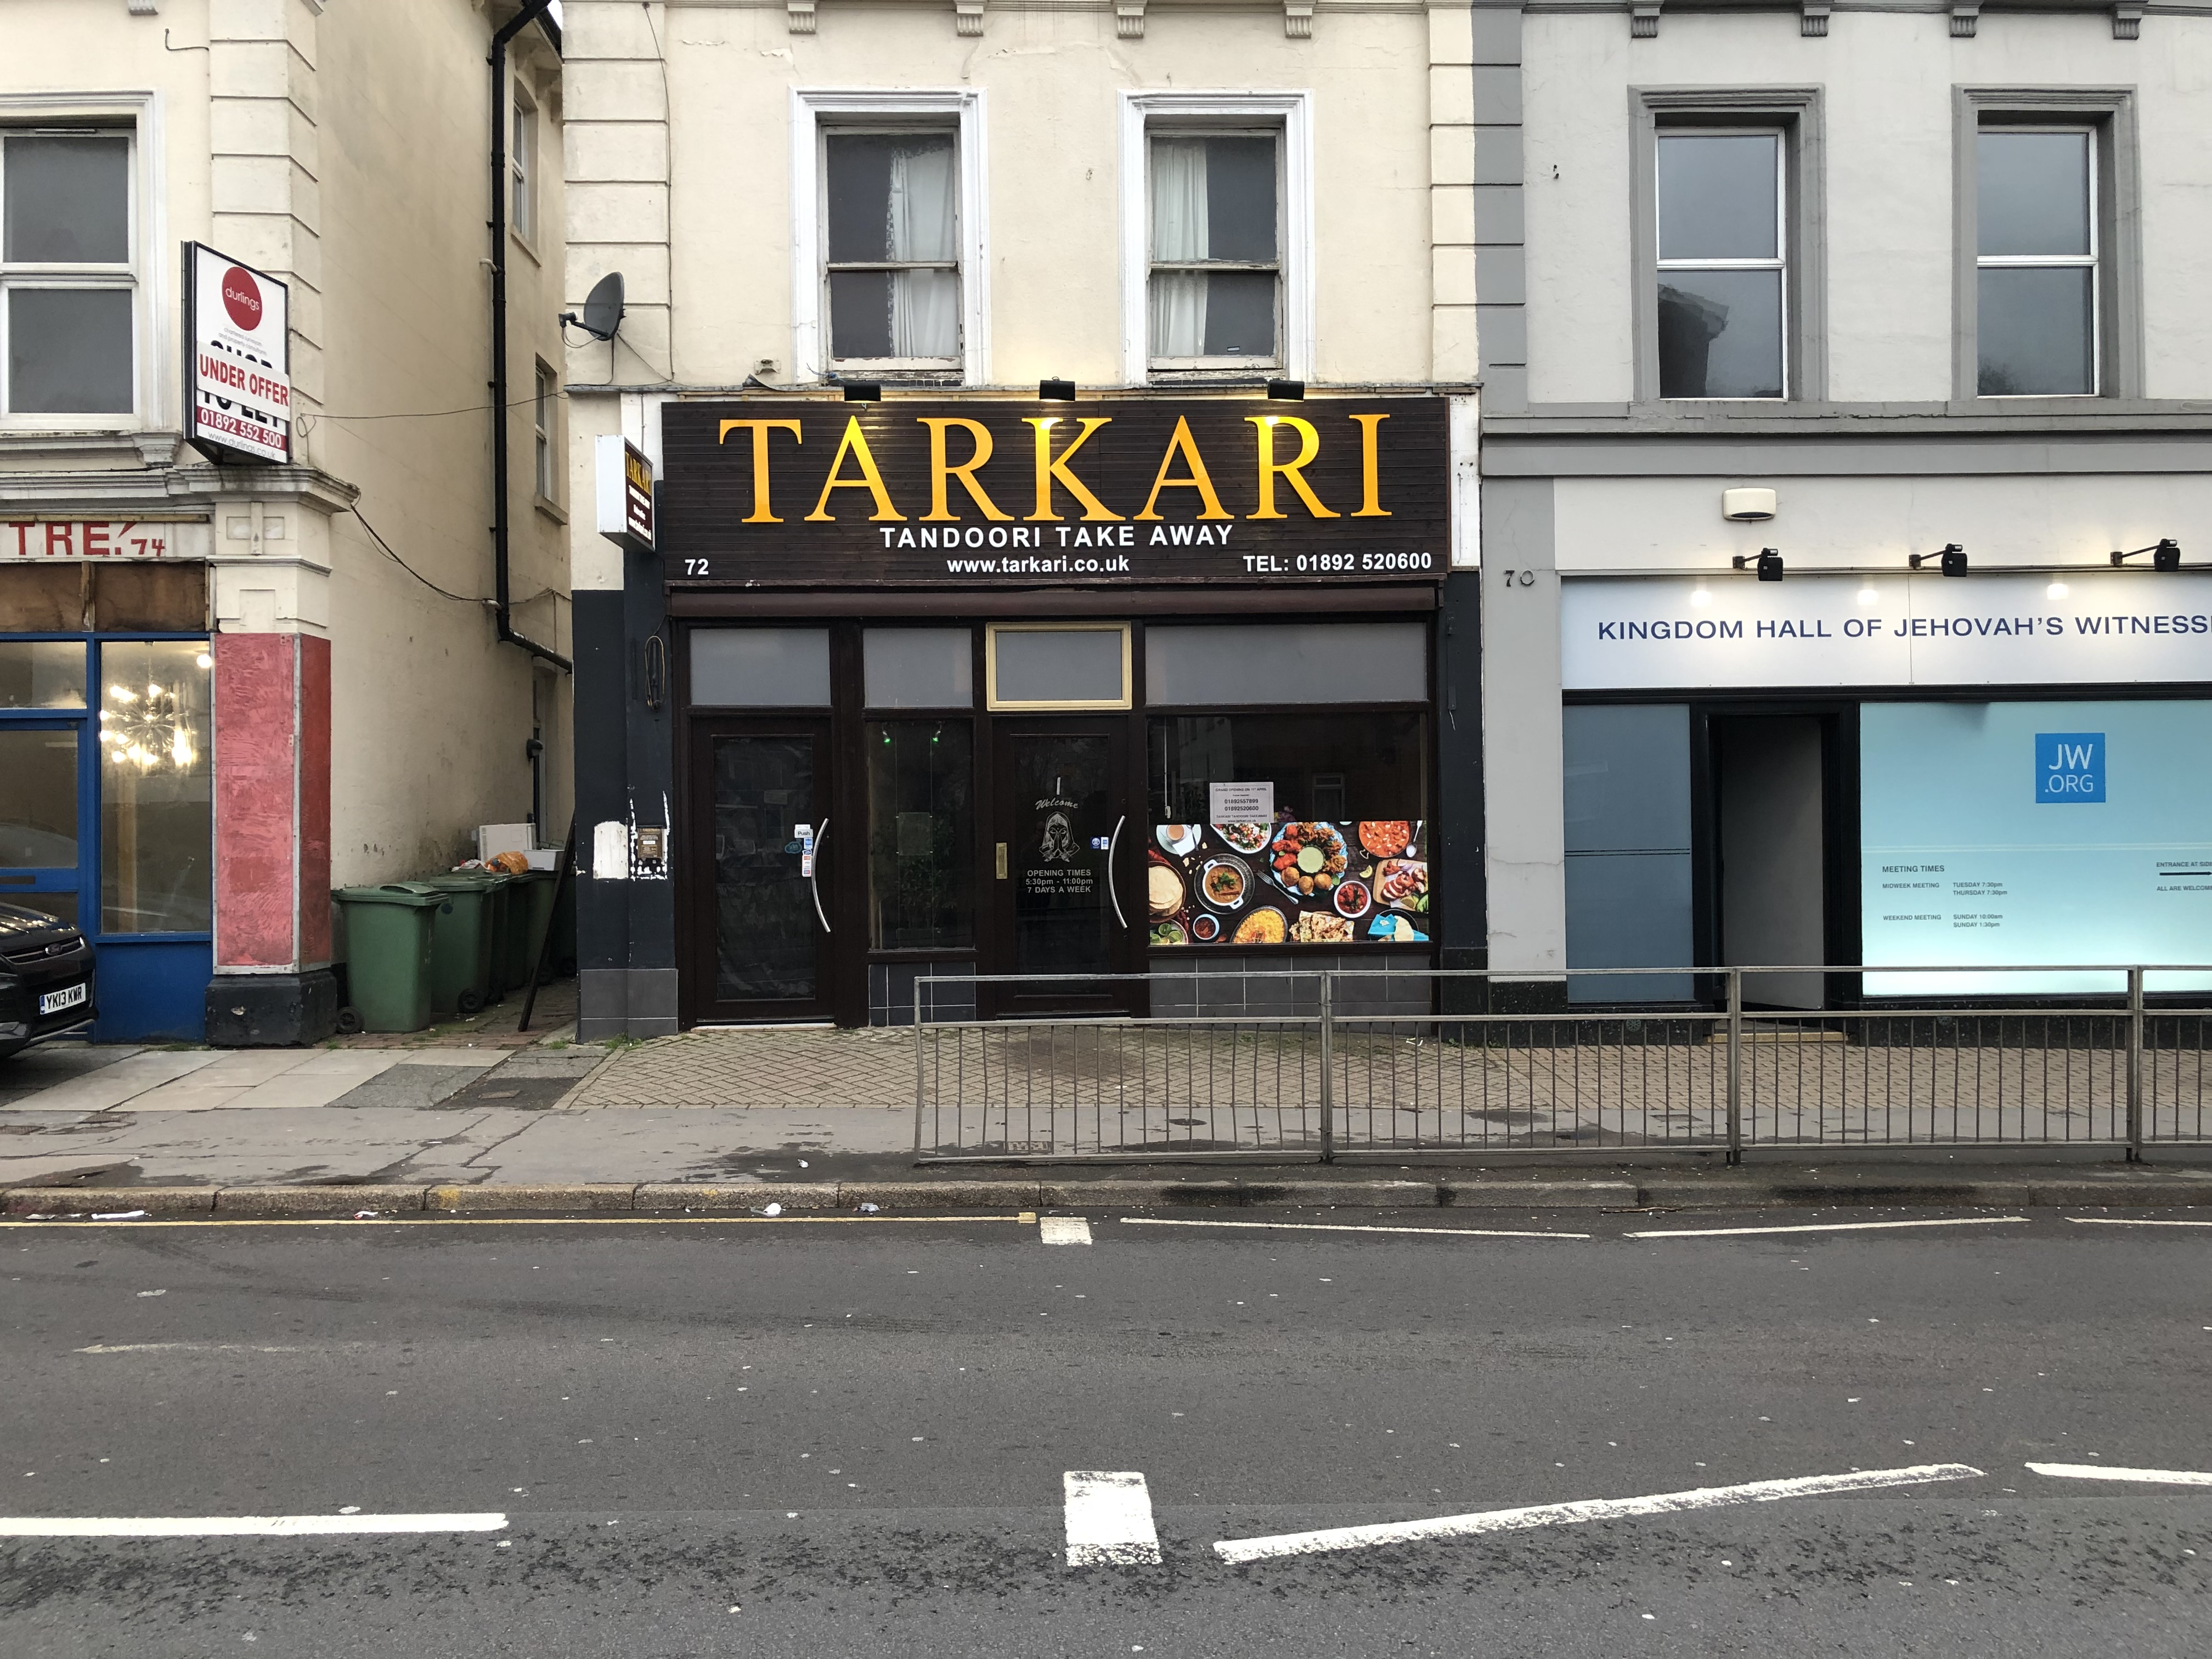 Tarkari Tandoori